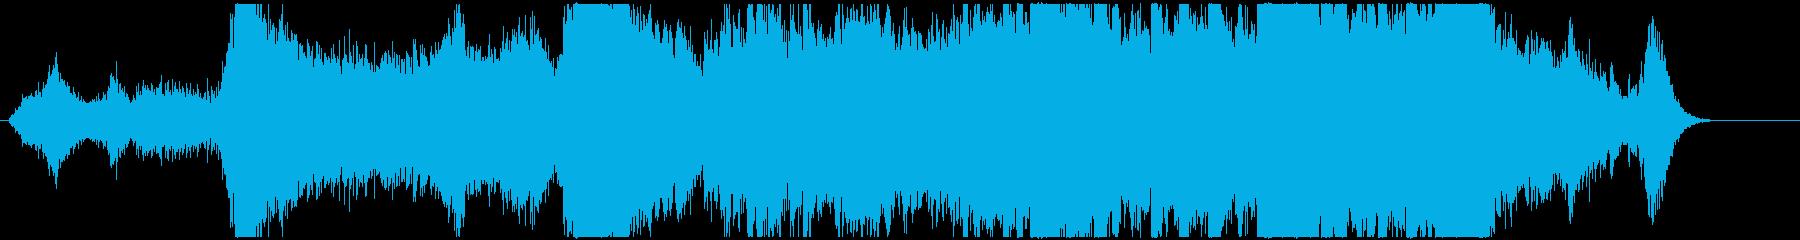 和風_005の再生済みの波形